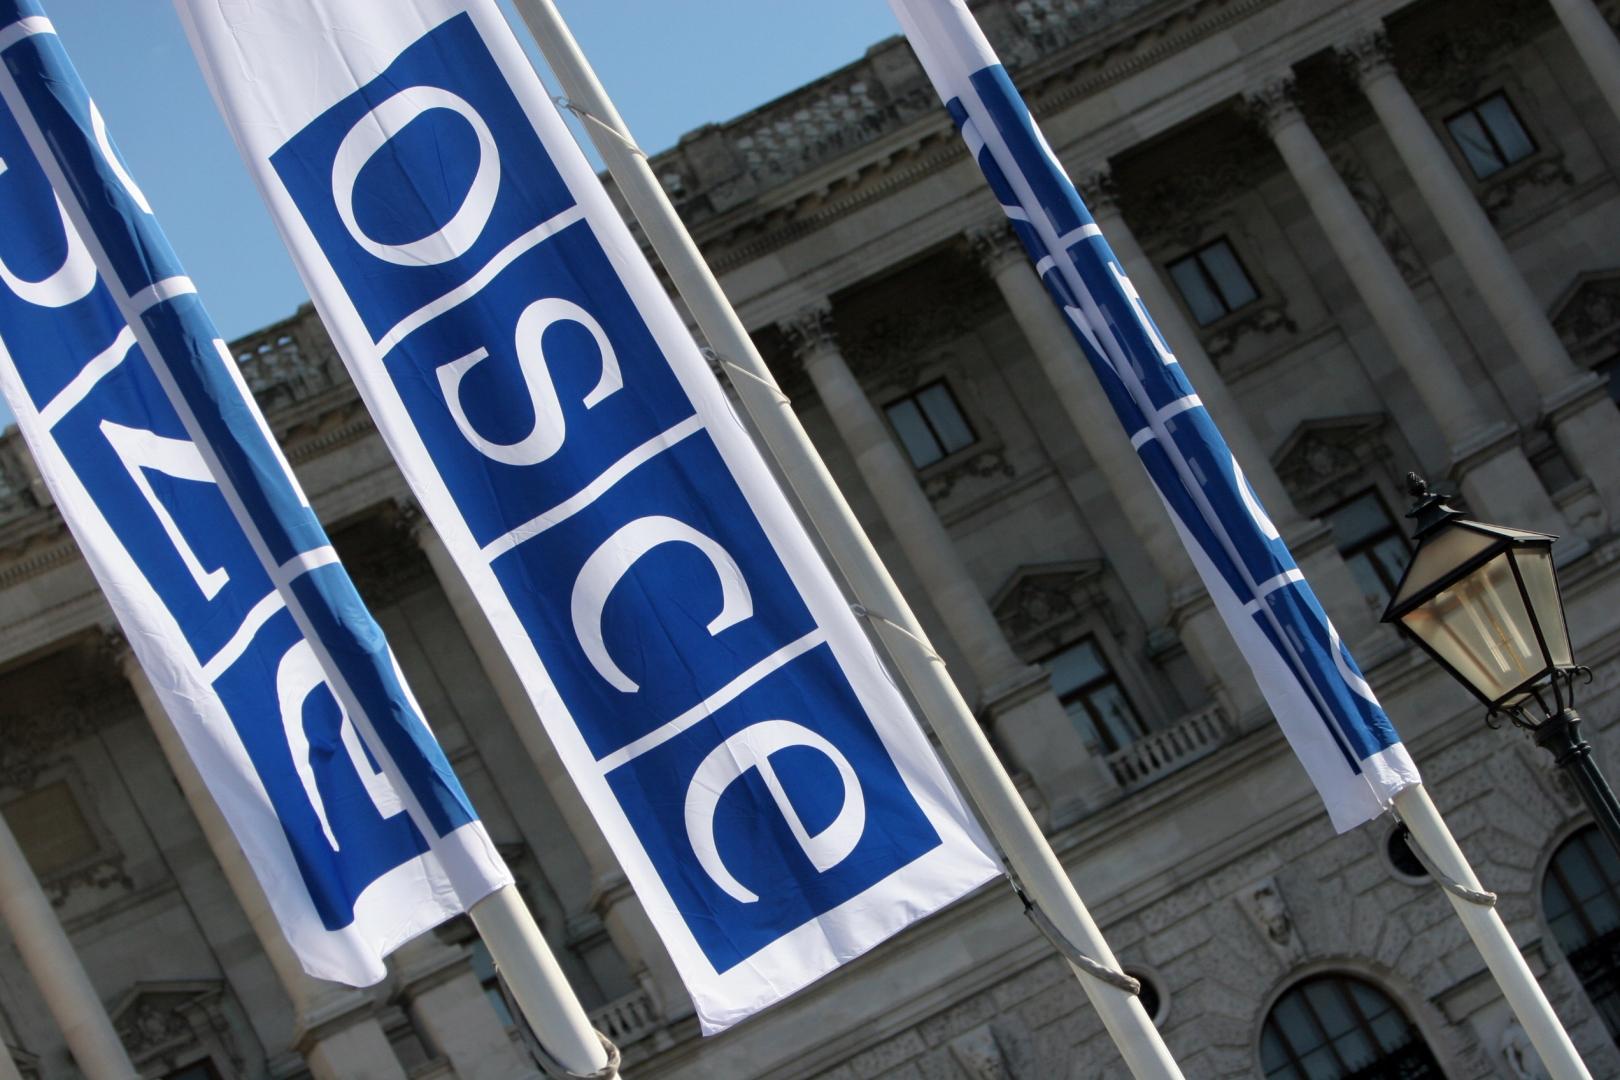 В ОБСЕ приняли резолюцию по оккупации Россией Абхазии и Южной Осетии